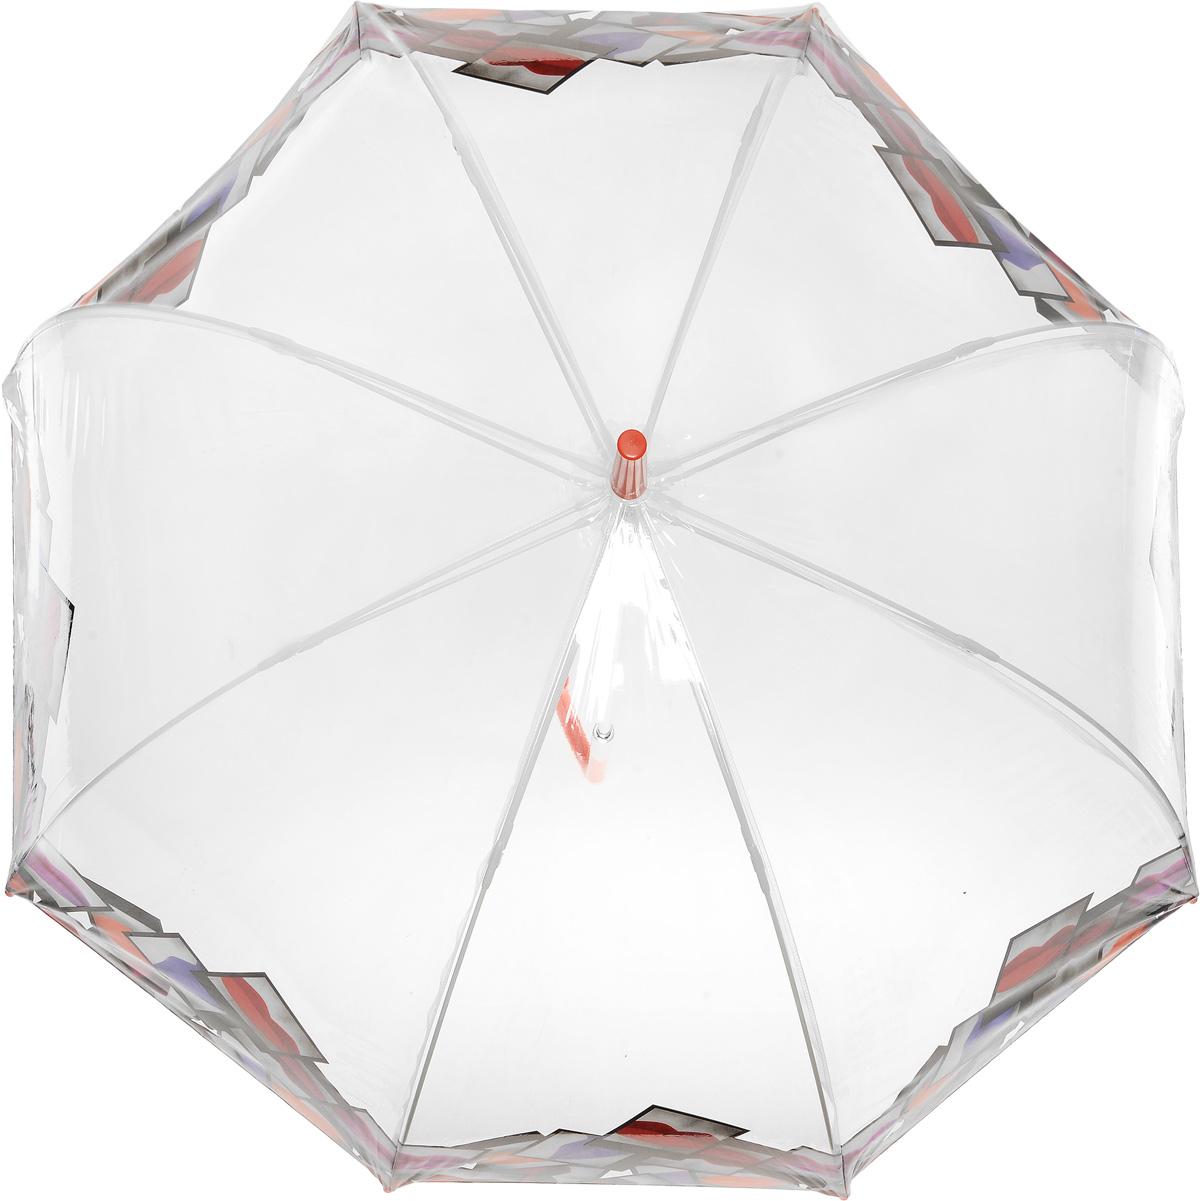 Зонт-трость женский Lulu Guinness Birdcage, механический, цвет: прозрачный. L719-3079K50K503414_0010Необычный механический зонт-трость Lulu Guinness Birdcage даже в ненастную погоду позволит вам оставаться модной и элегантной. Каркас зонта включает 8 спиц из фибергласса с пластиковыми наконечниками. Стержень изготовлен из стали. Купол зонта выполнен из высококачественного прозрачного ПВХ и оформлен по краю оригинальным принтом. Изделие дополнено удобной пластиковой рукояткой с металлическим элементом.Зонт механического сложения: купол открывается и закрывается вручную до характерного щелчка. Модель дополнительно застегивается с помощью хлястика на кнопку.Такой зонт не только надежно защитит вас от дождя, но и станет стильным аксессуаром, который идеально подчеркнет ваш неповторимый образ.